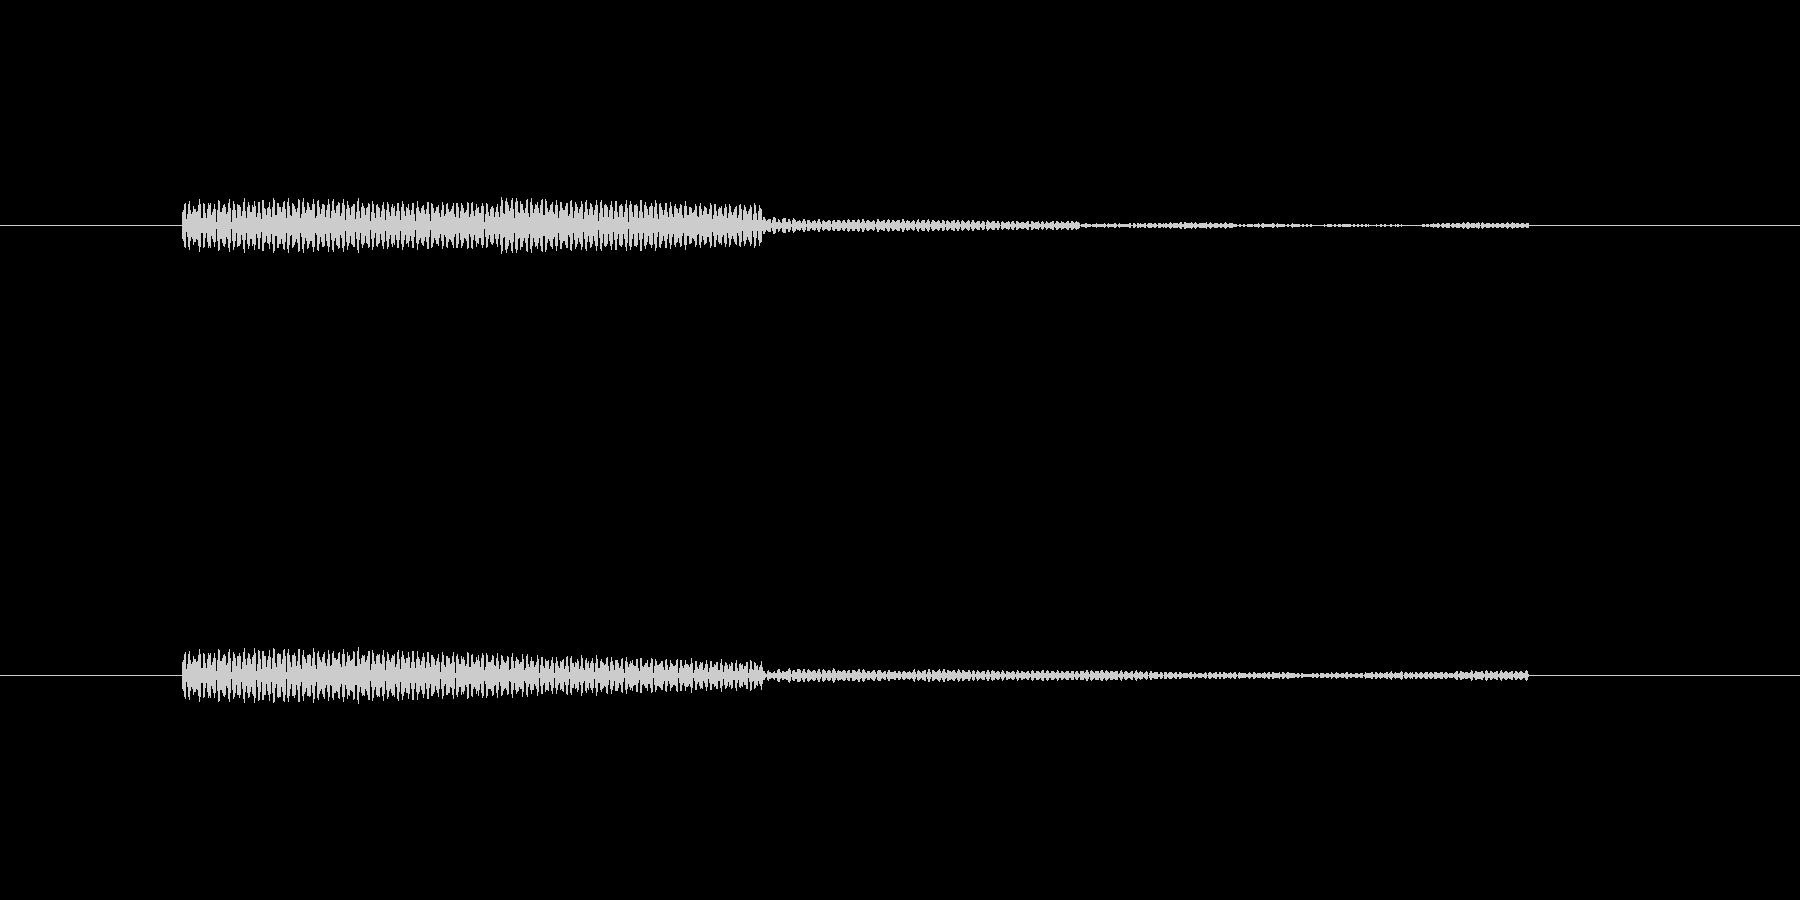 ポンと鳴るかわいい効果音の未再生の波形